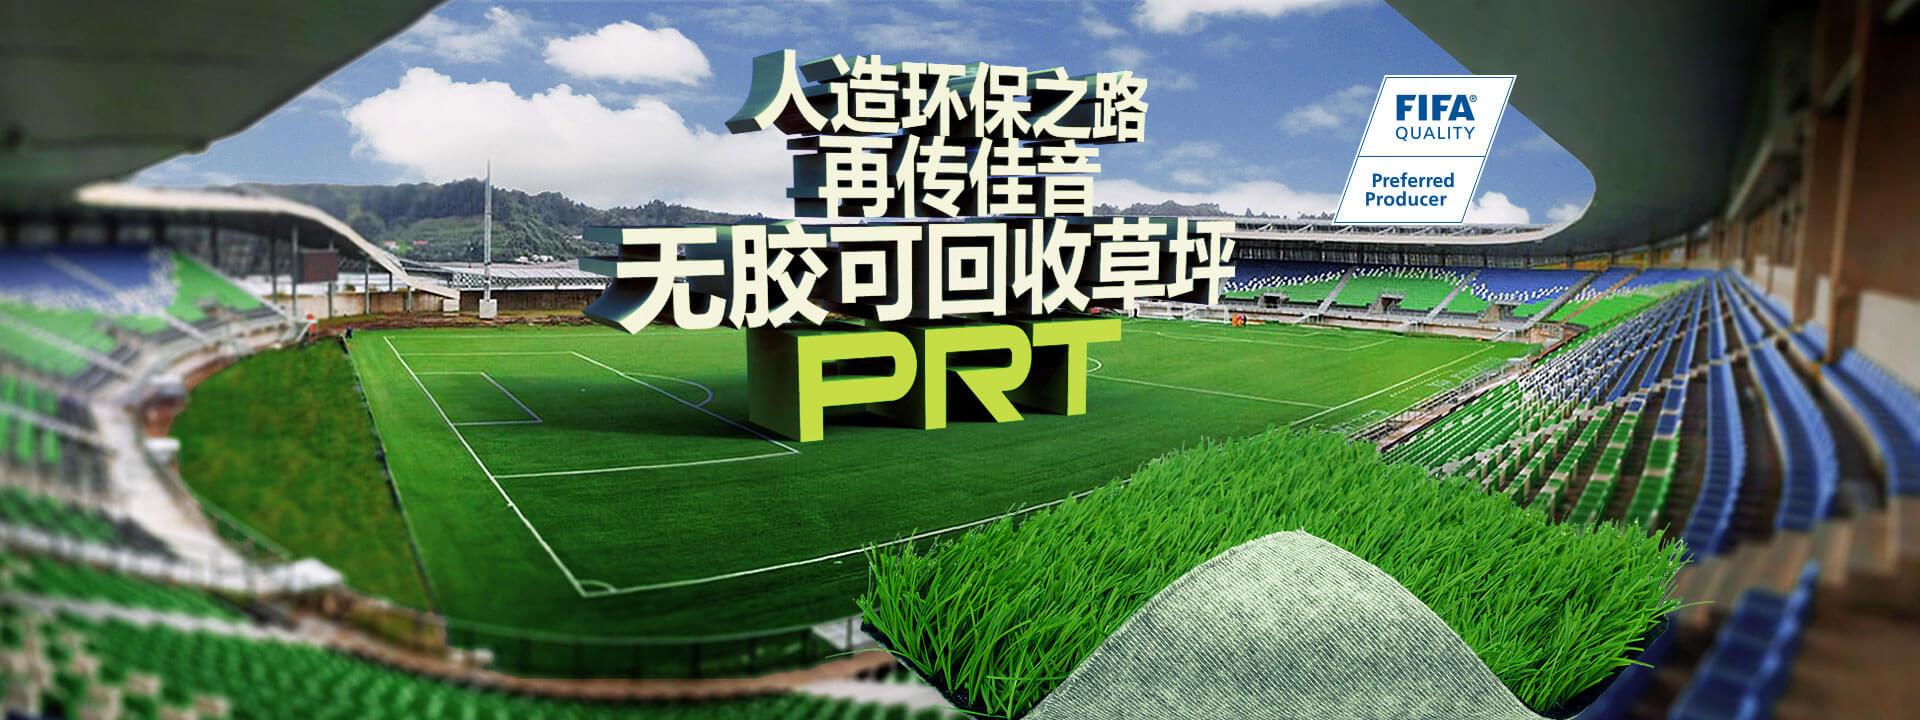 PRT无胶可回收人造草坪